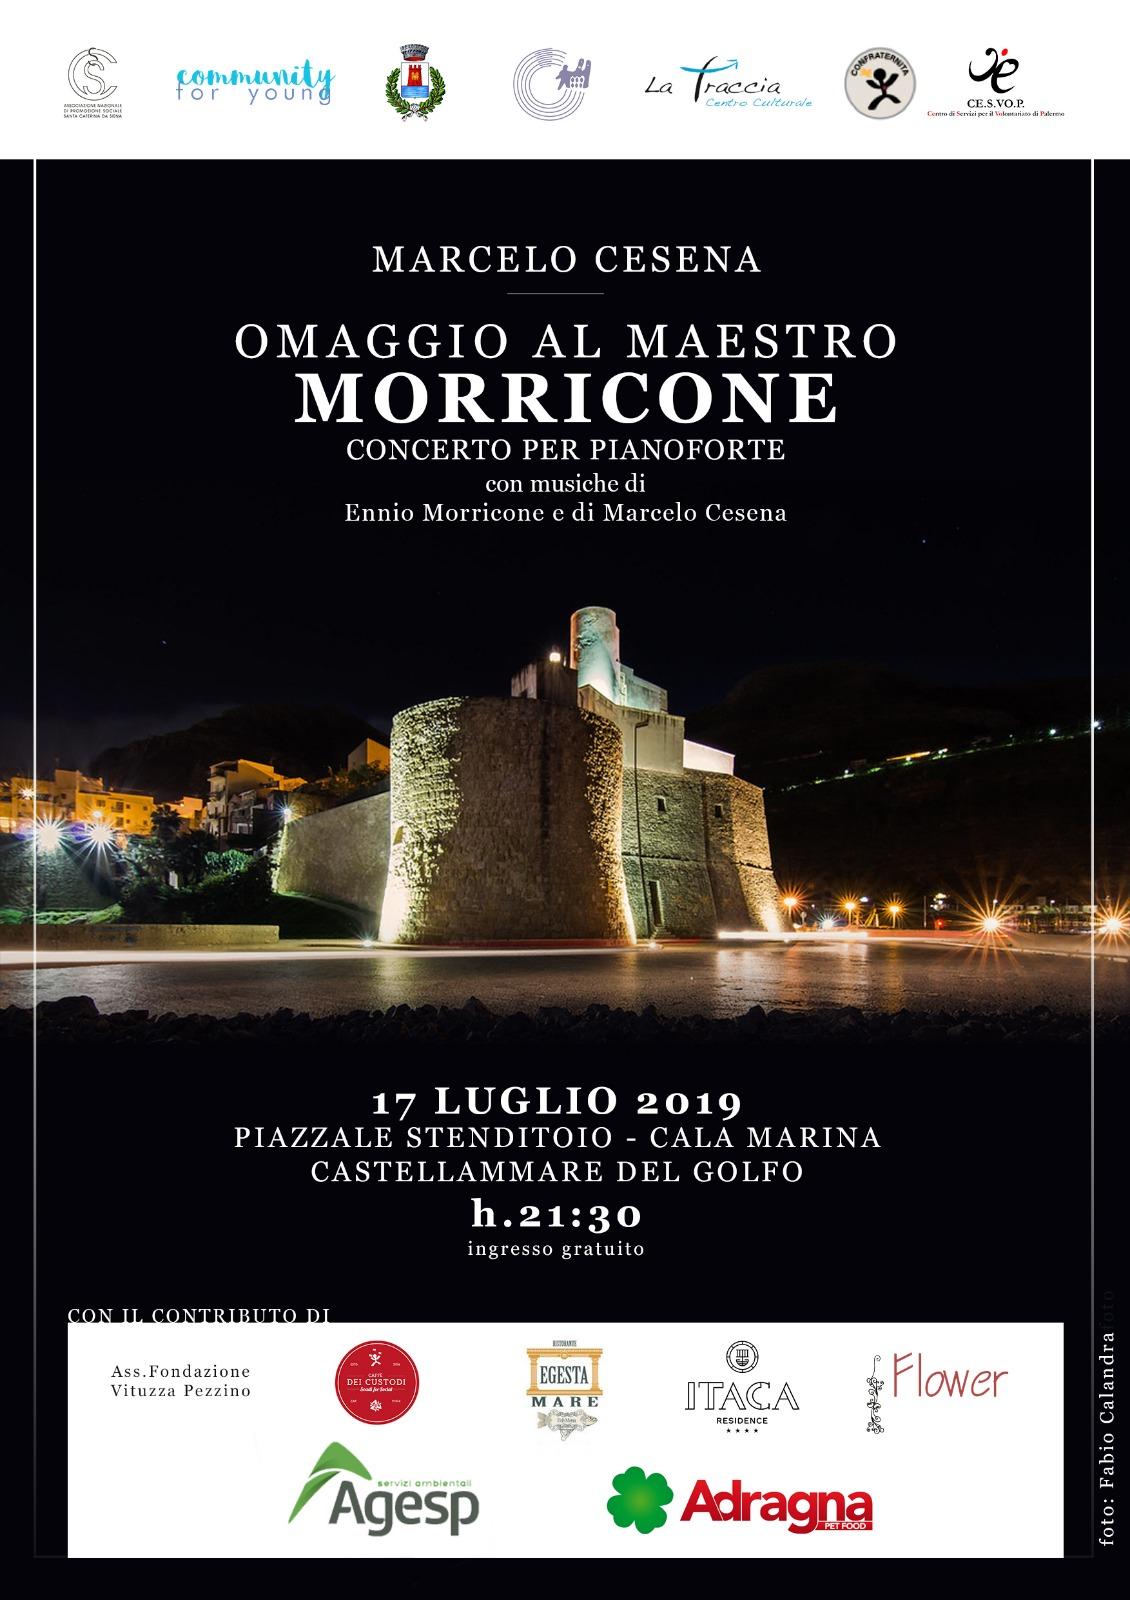 Omaggio ad Ennio Morricone, in scena Marcelo Cesena